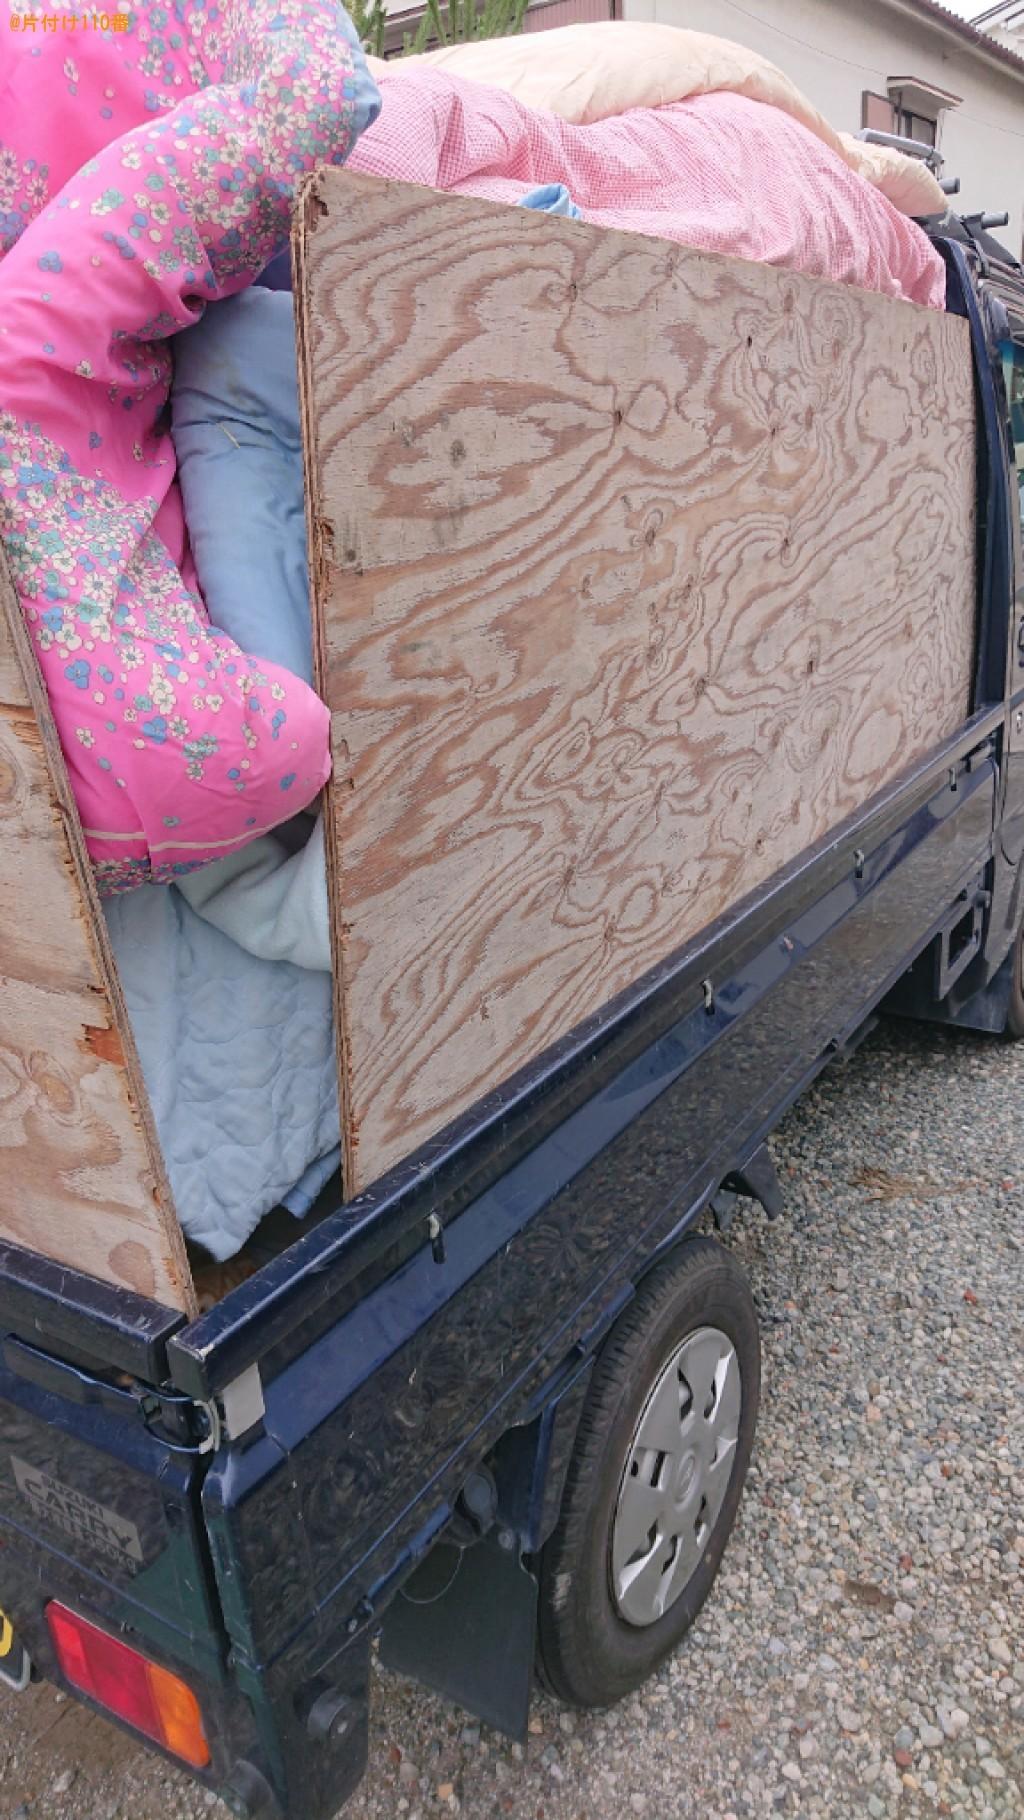 【尼崎市】衣類、ハンガー、かご、衣類収納ケース、布団等の回収